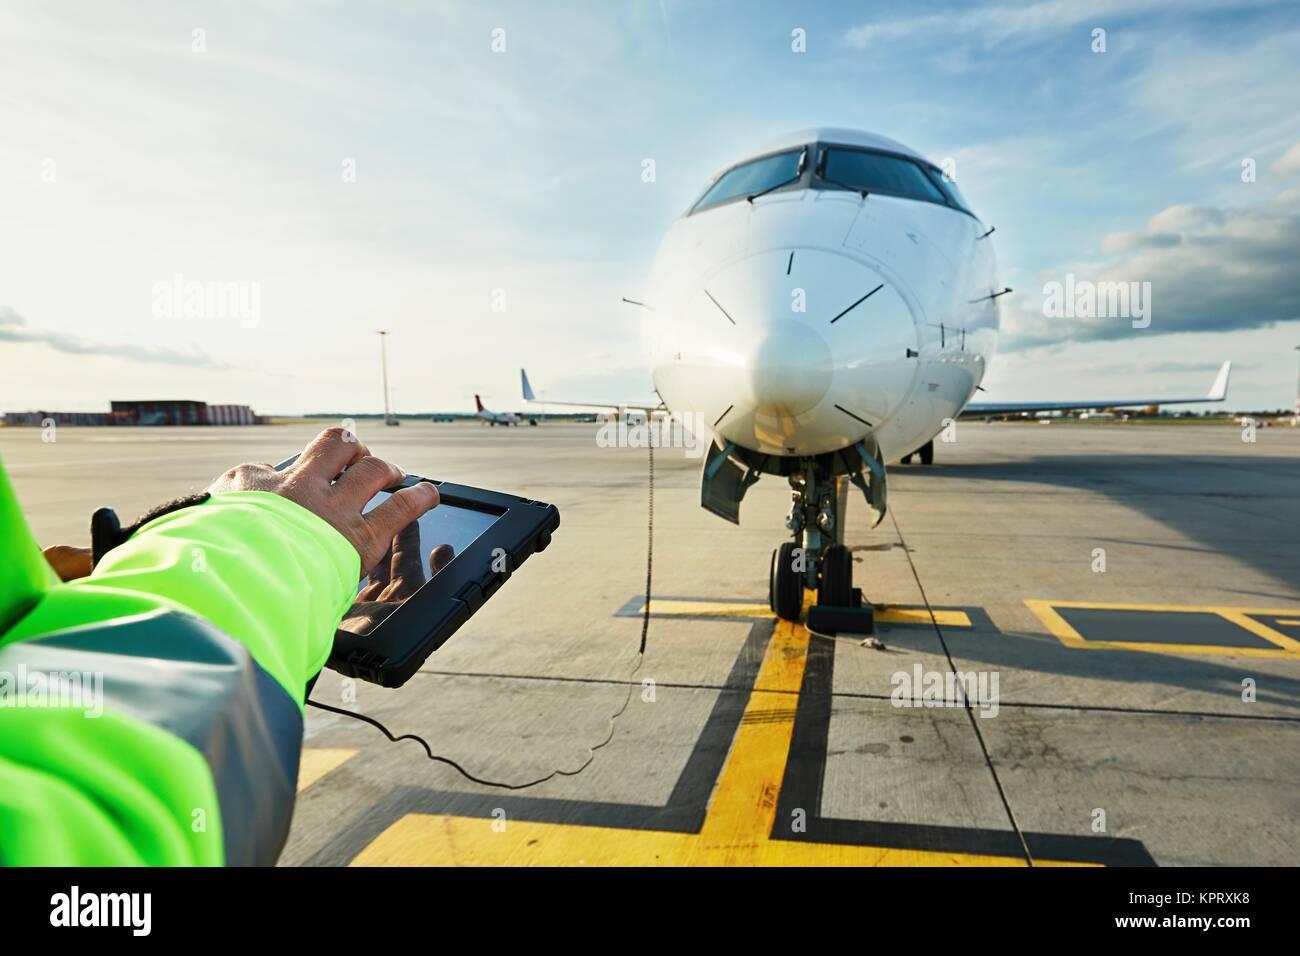 Moderne Technik am Flughafen. Mitglied des Bodenpersonals Vorbereitung der Passagier im Flugzeug vor dem Flug. Stockfoto